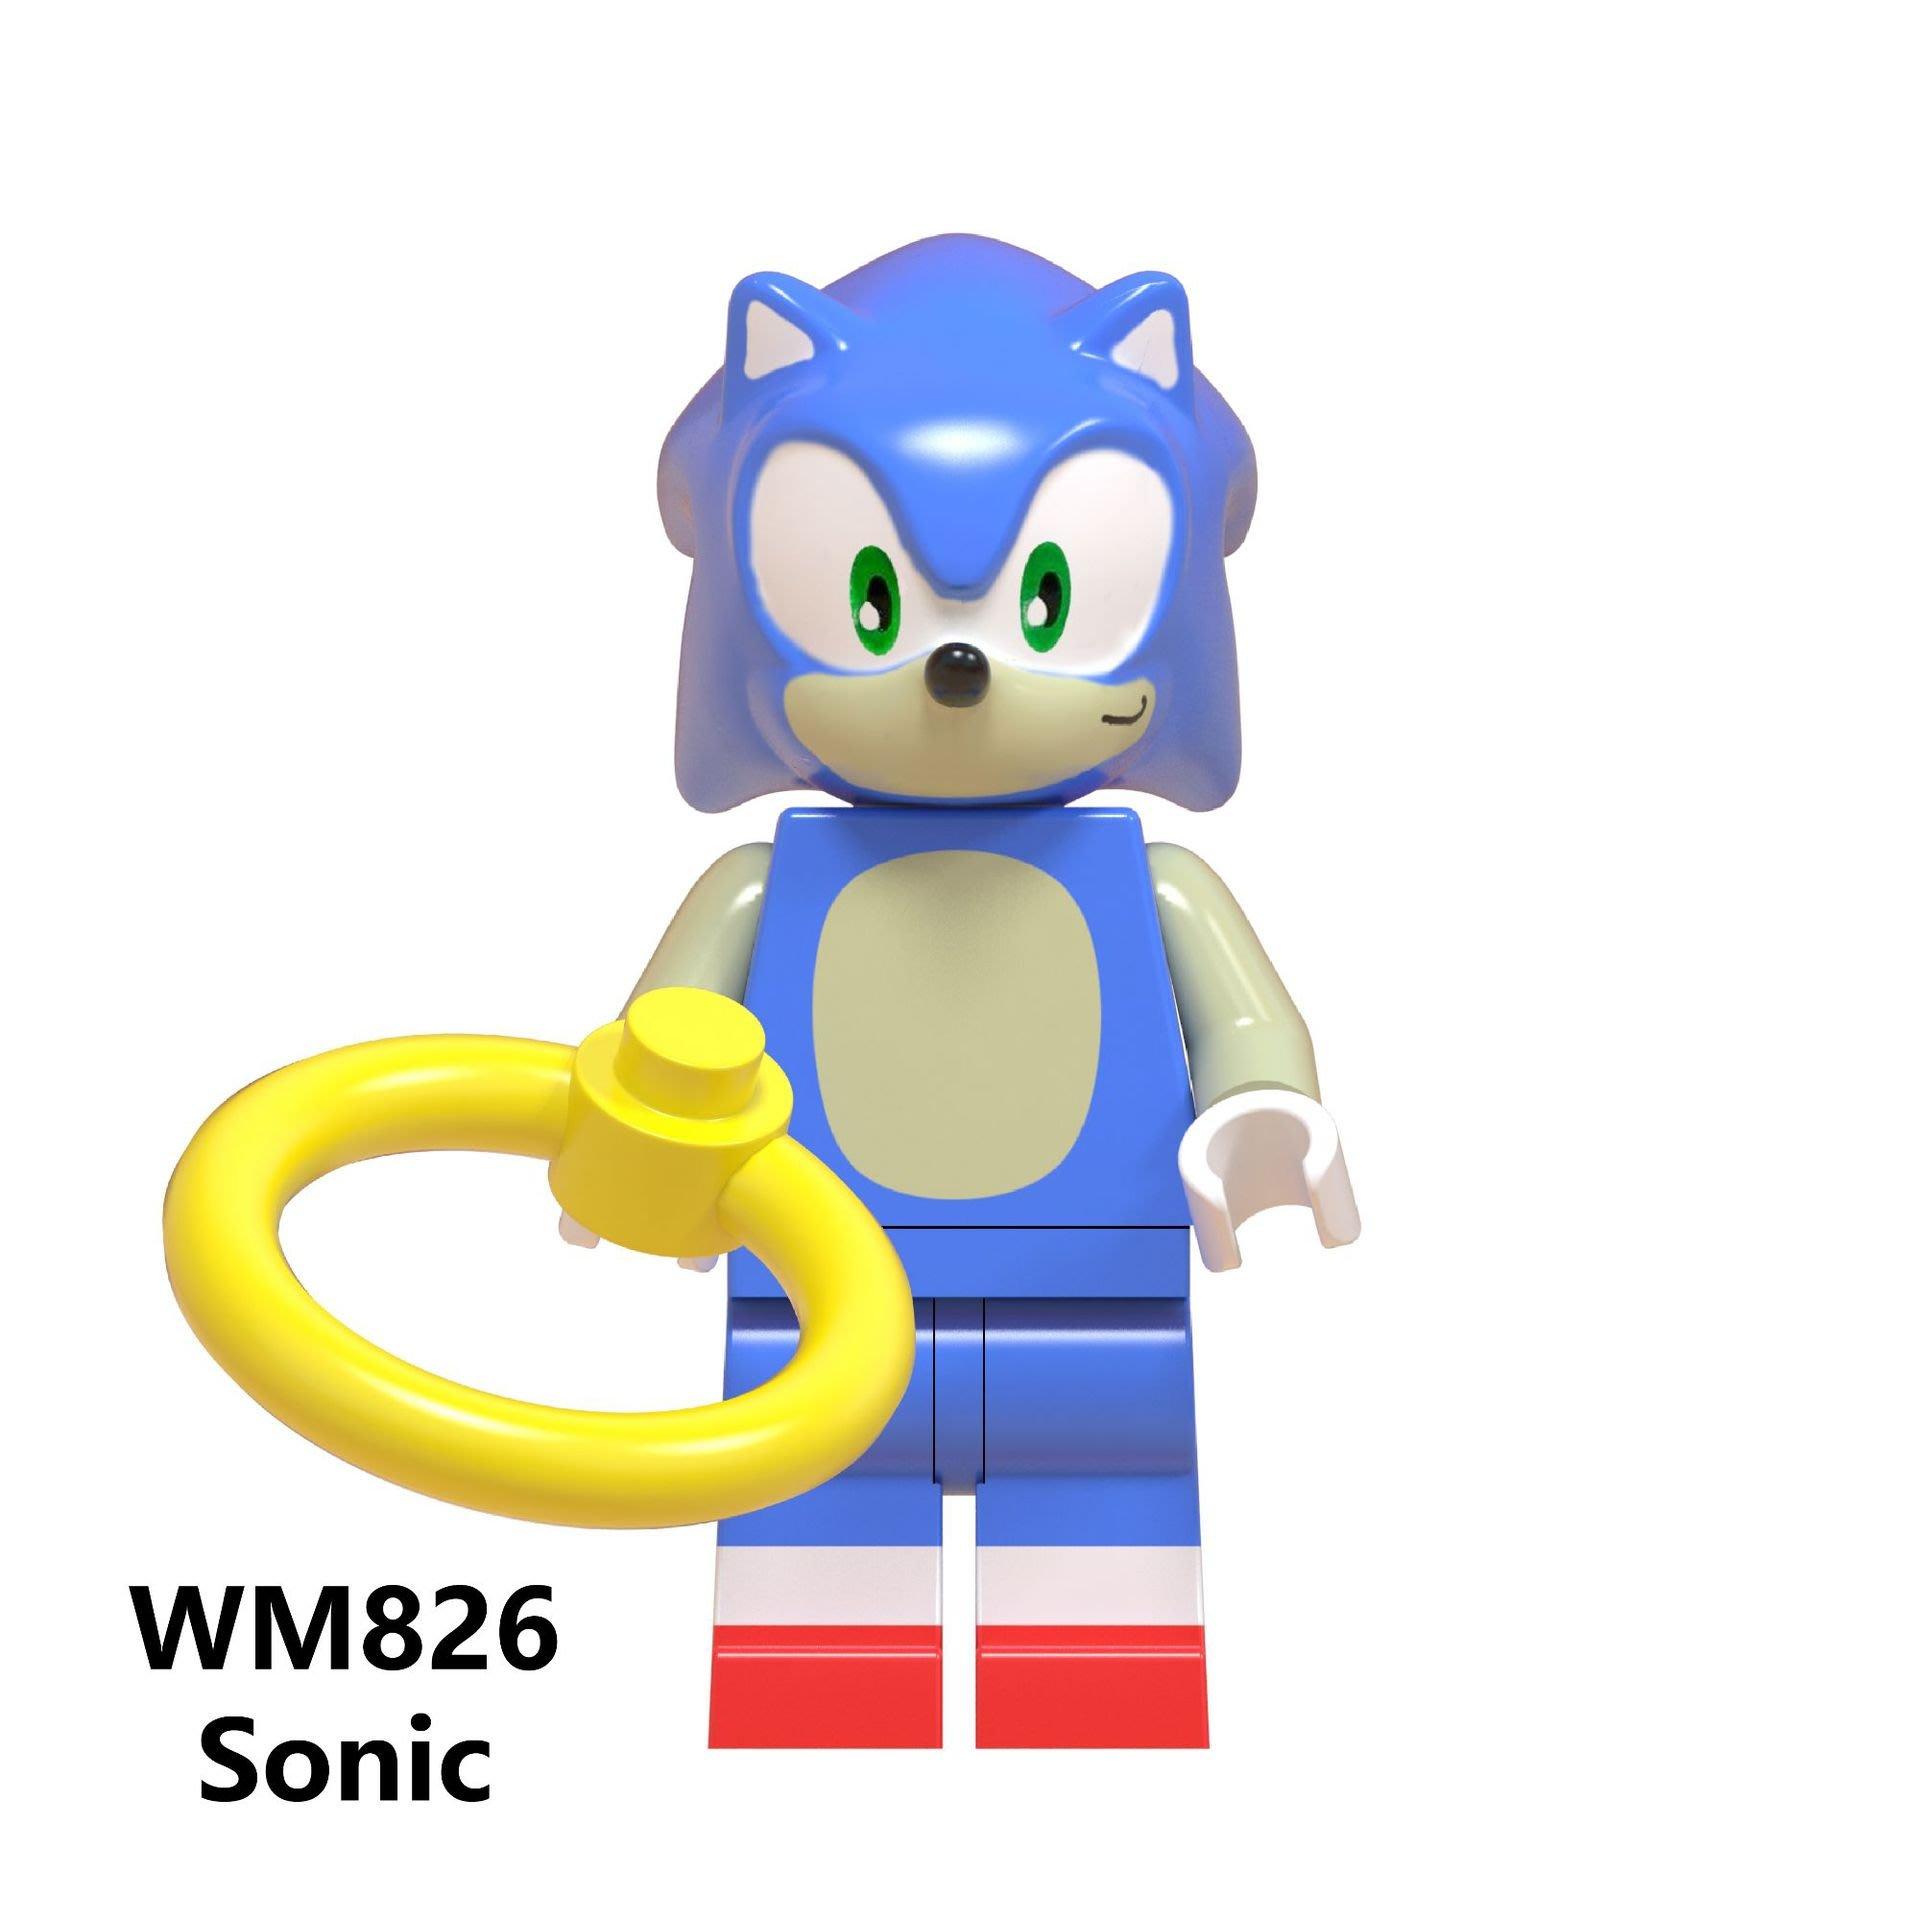 【積木班長】 WM826 音速小子 索尼克 SONIC 電玩 電影 人偶 袋裝/相容 樂高 LEGO 積木